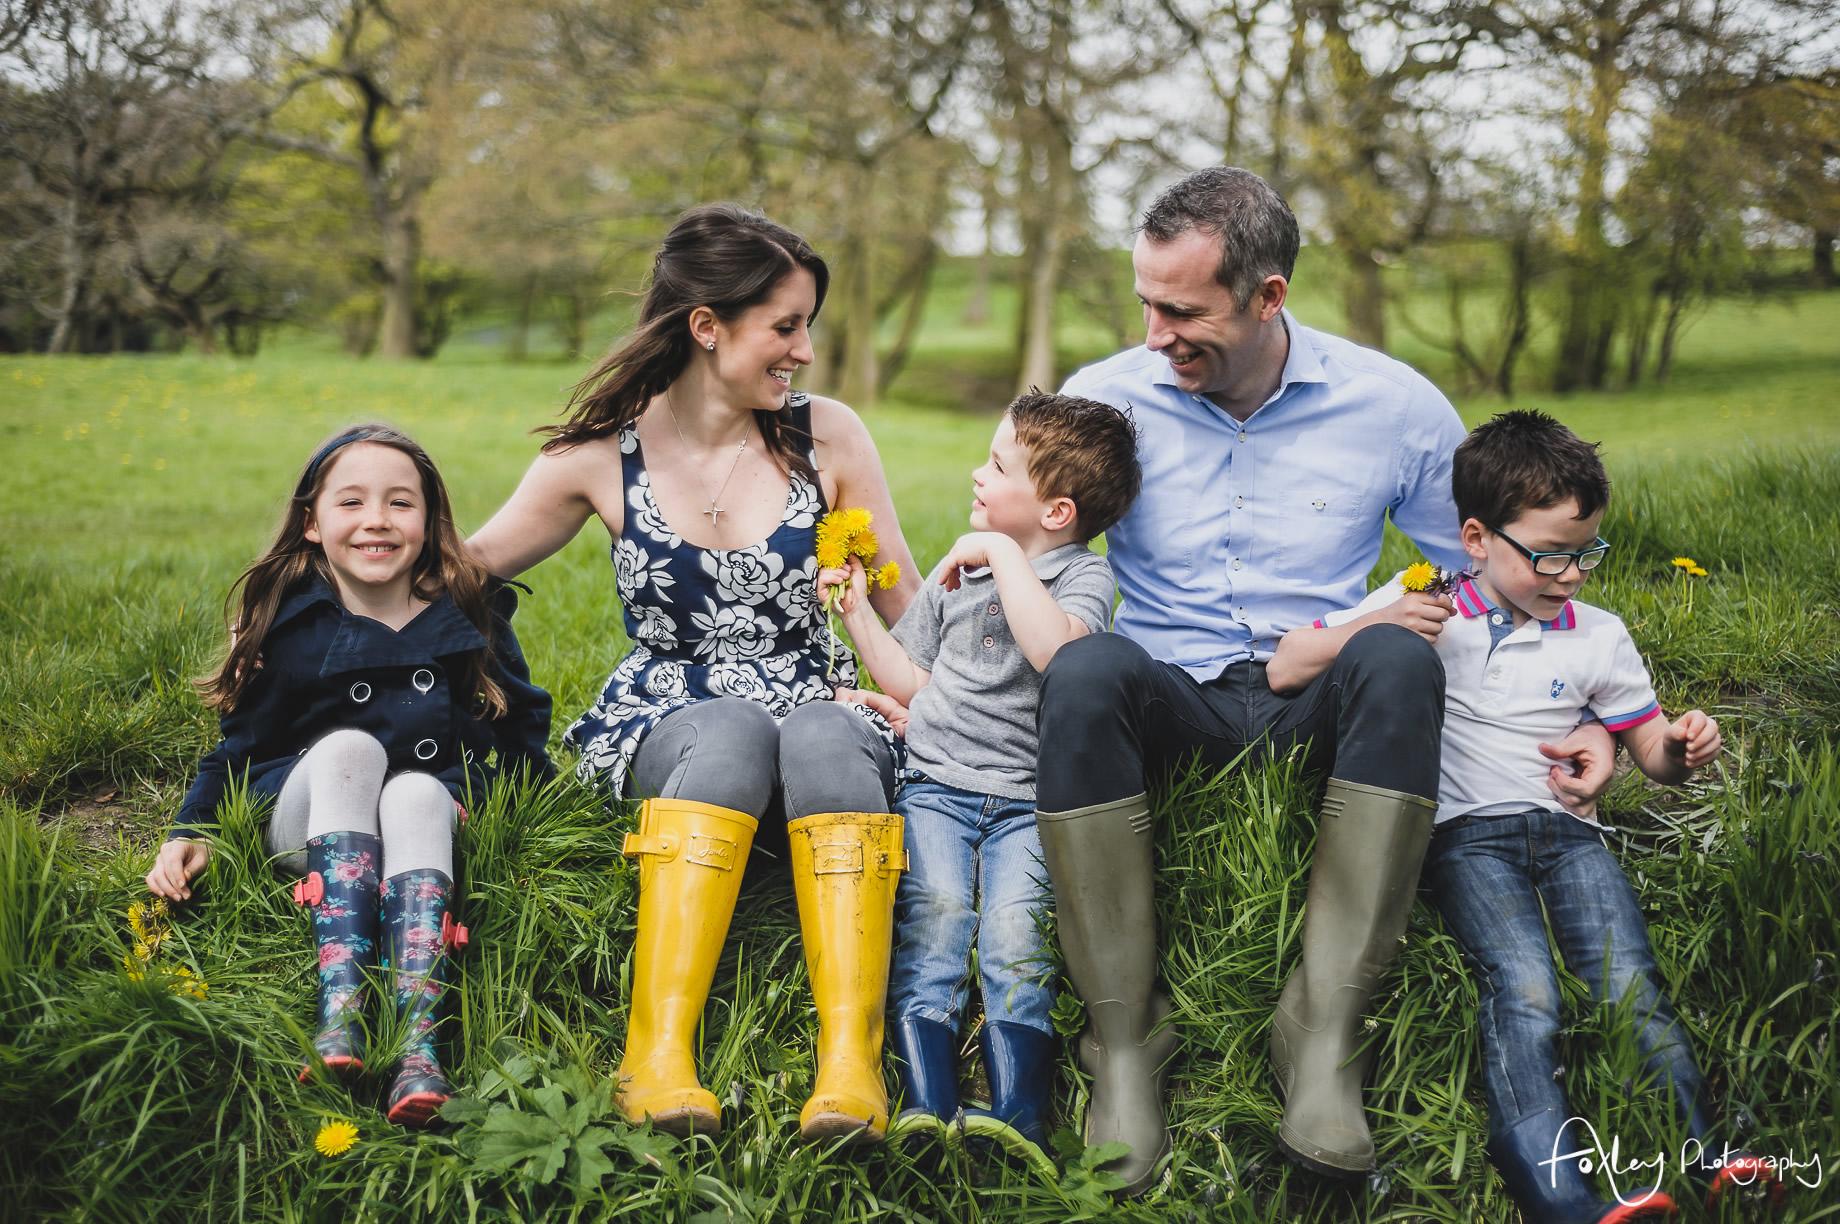 Parbold Family Portrait Shoot 019